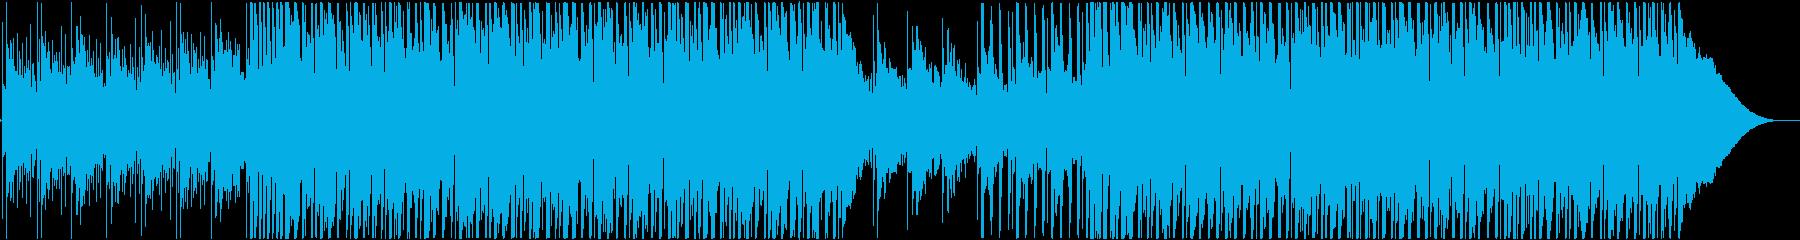 80年代風のメロディアスなポップファンクの再生済みの波形